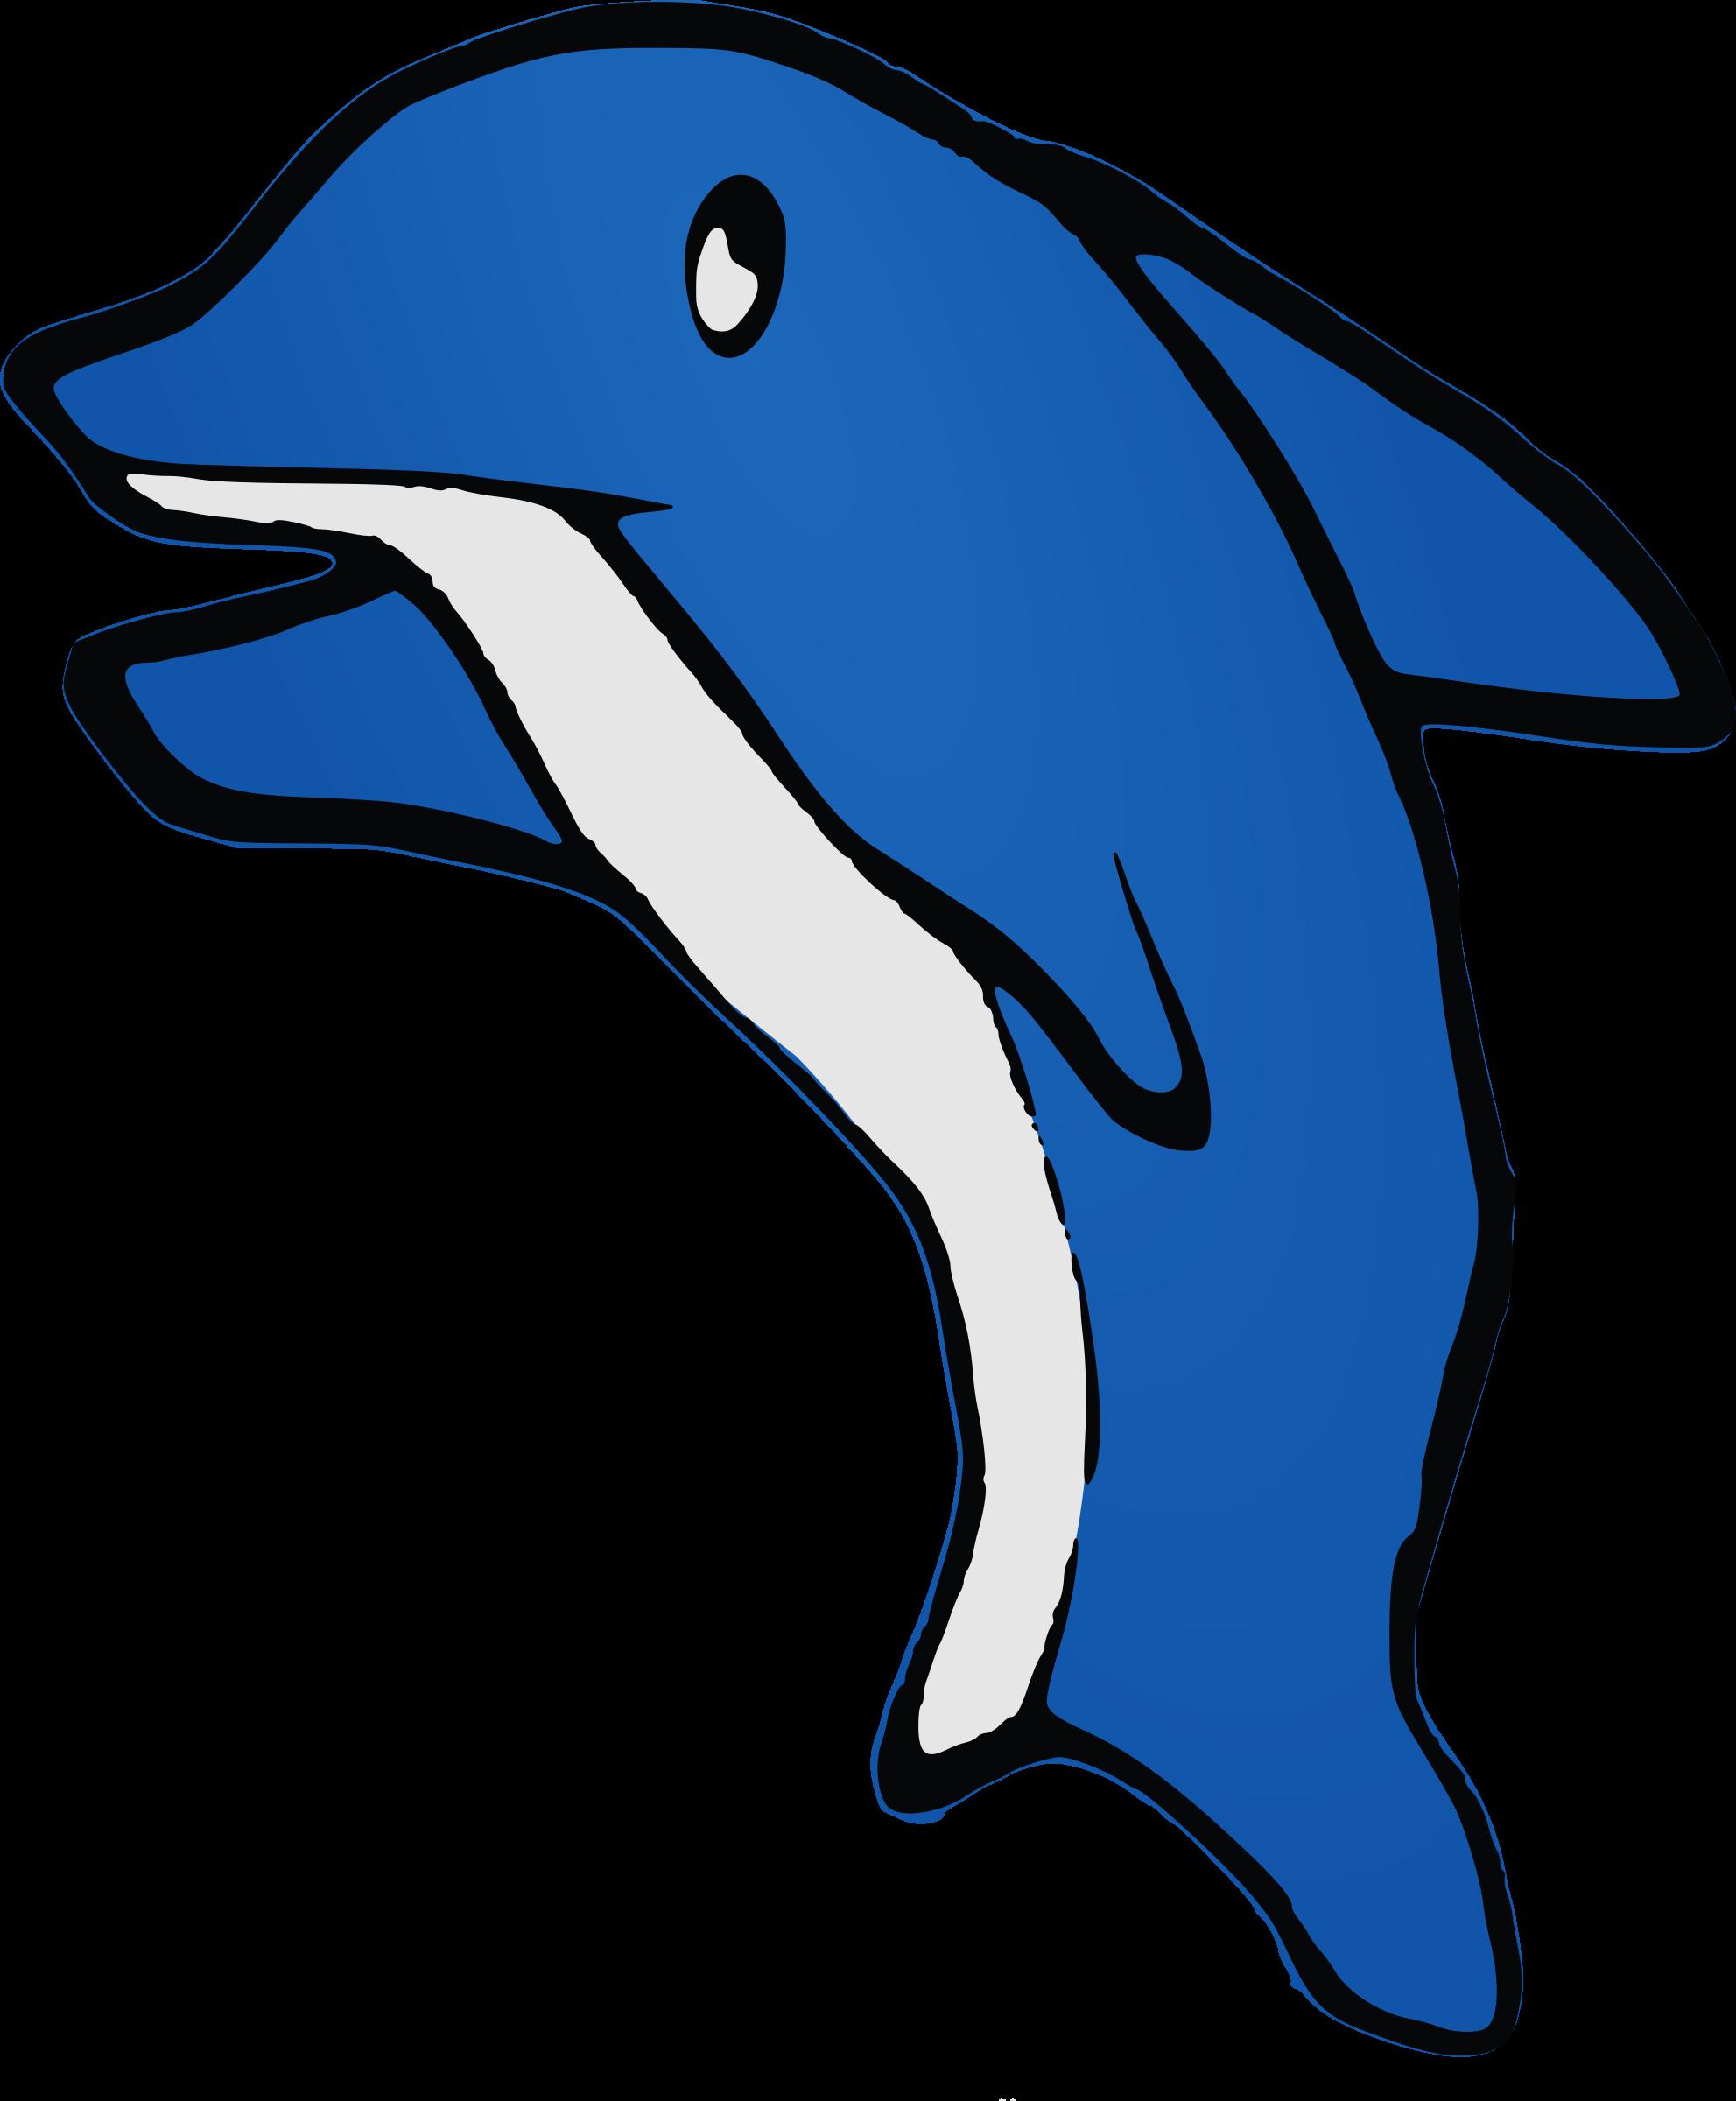 clipart dolphin basic